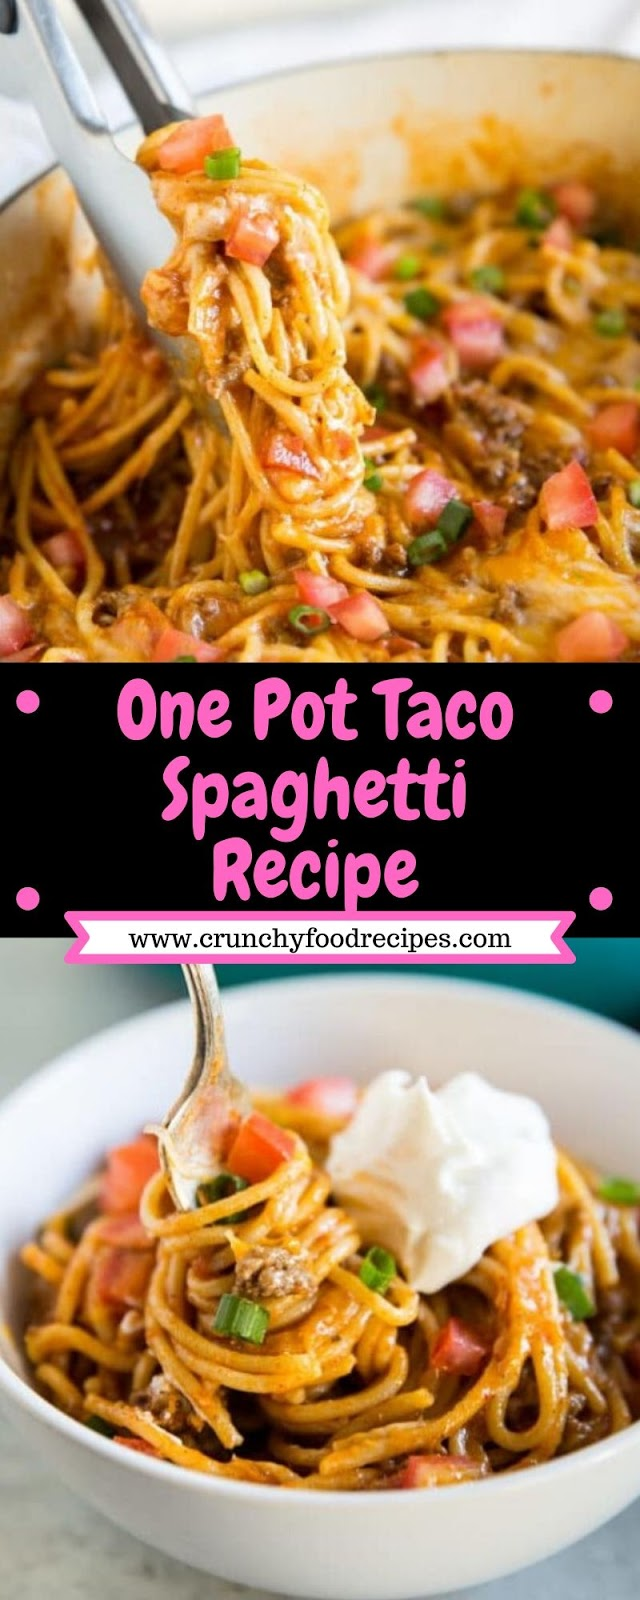 OnePot Taco Spaghetti Recipe